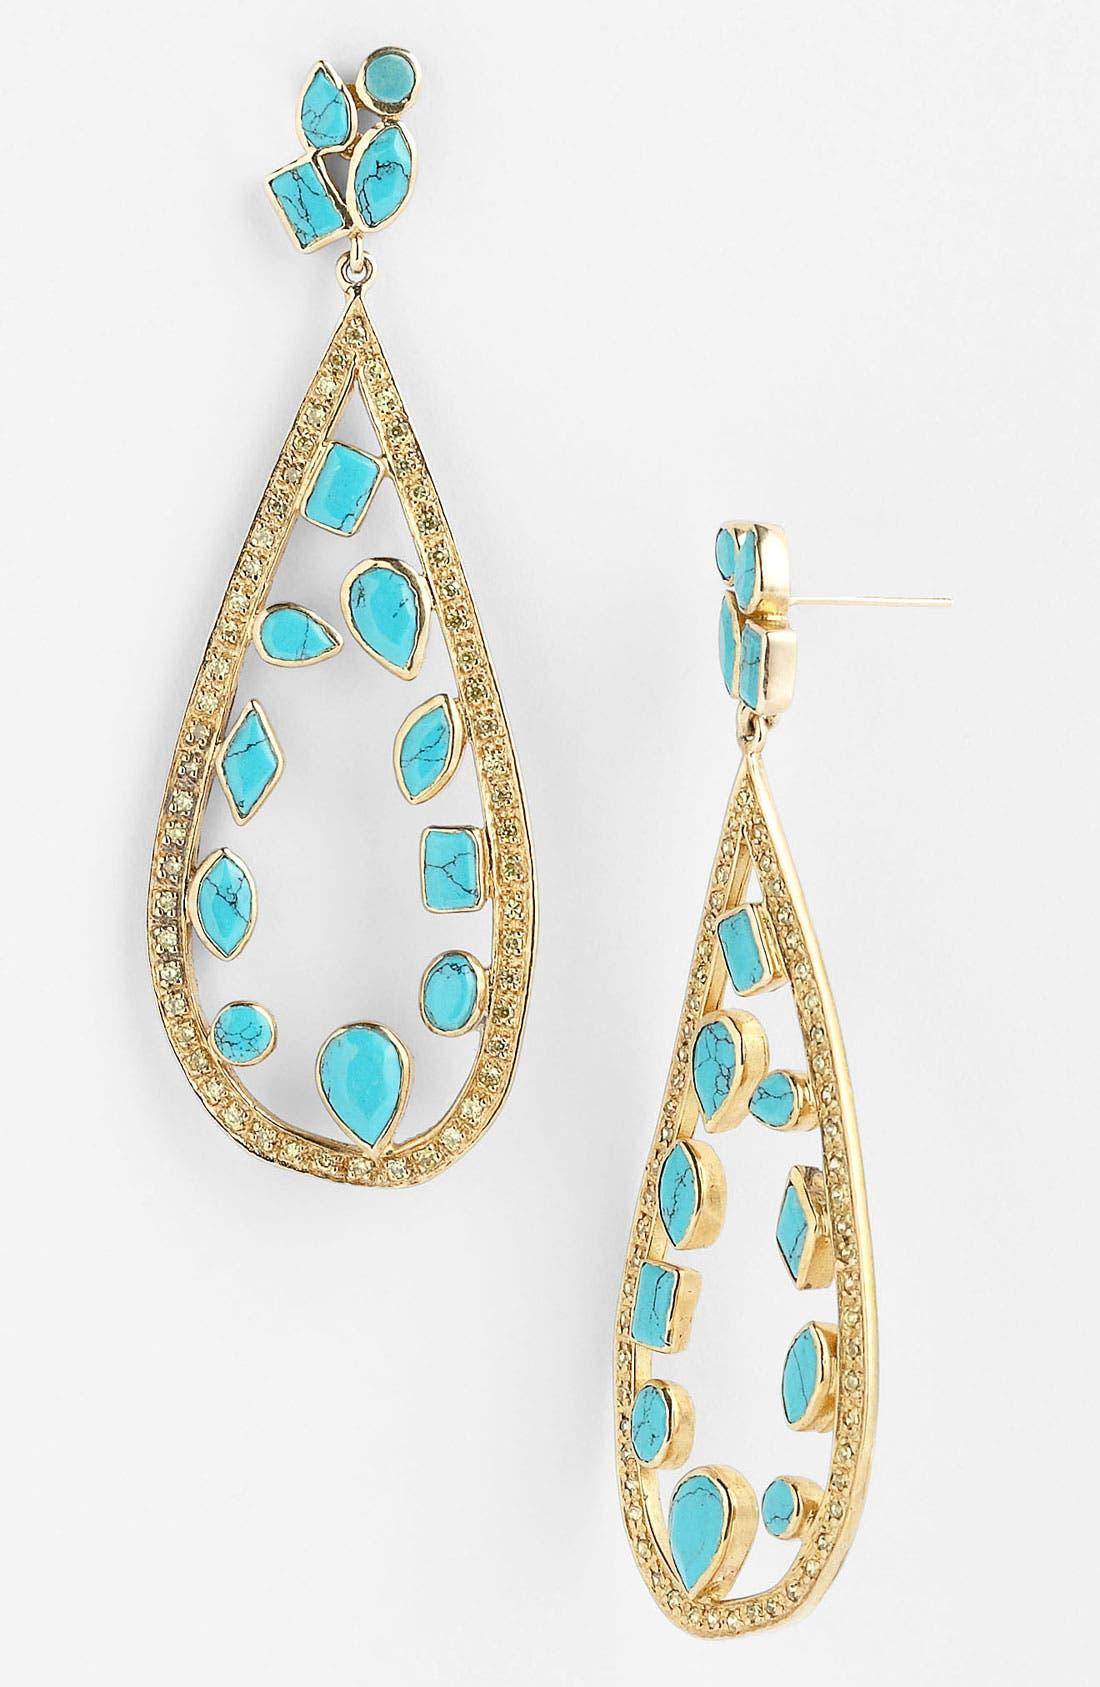 Alternate Image 1 Selected - Melinda Maria 'Floating Mosaic' Open Teardrop Earrings